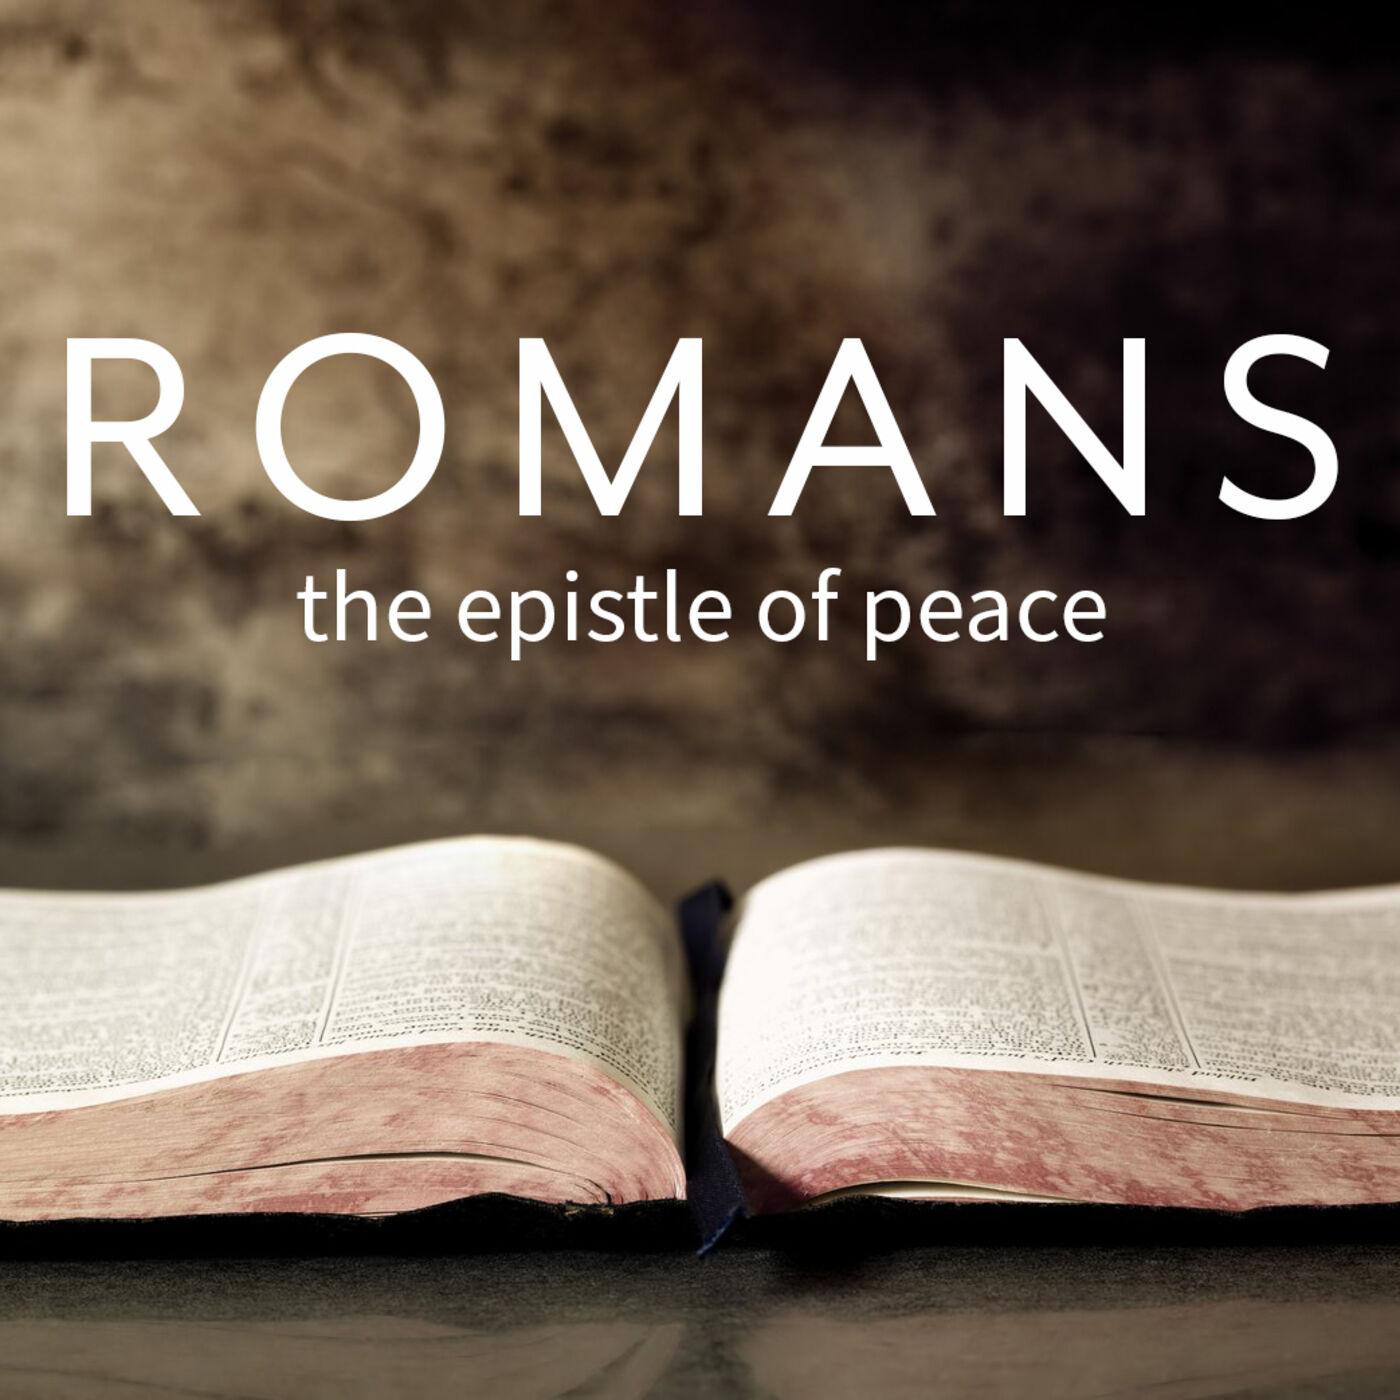 Romans: The Epistle of Peace (part 2)